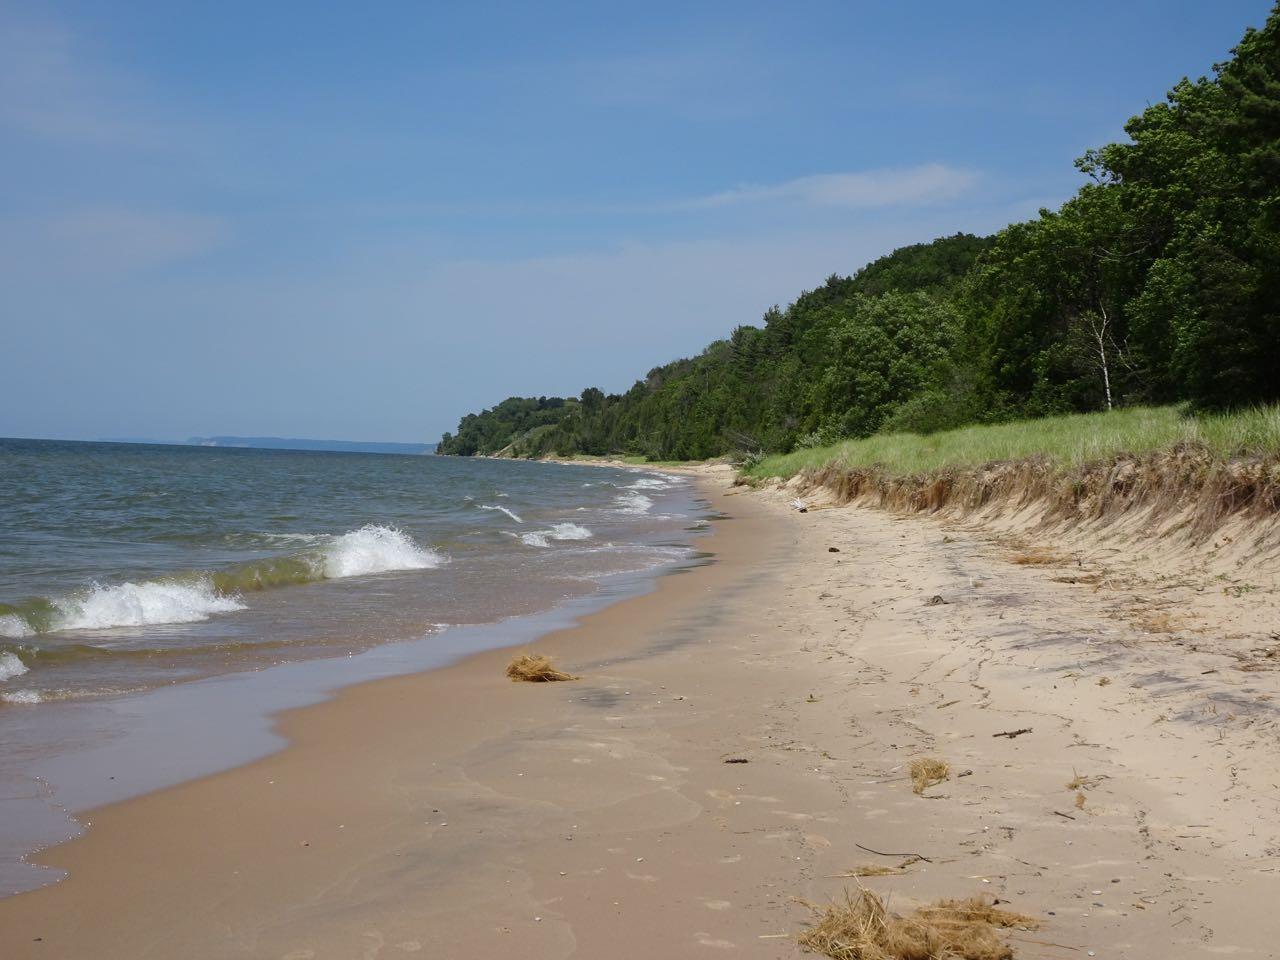 Beach am Lake Michigan